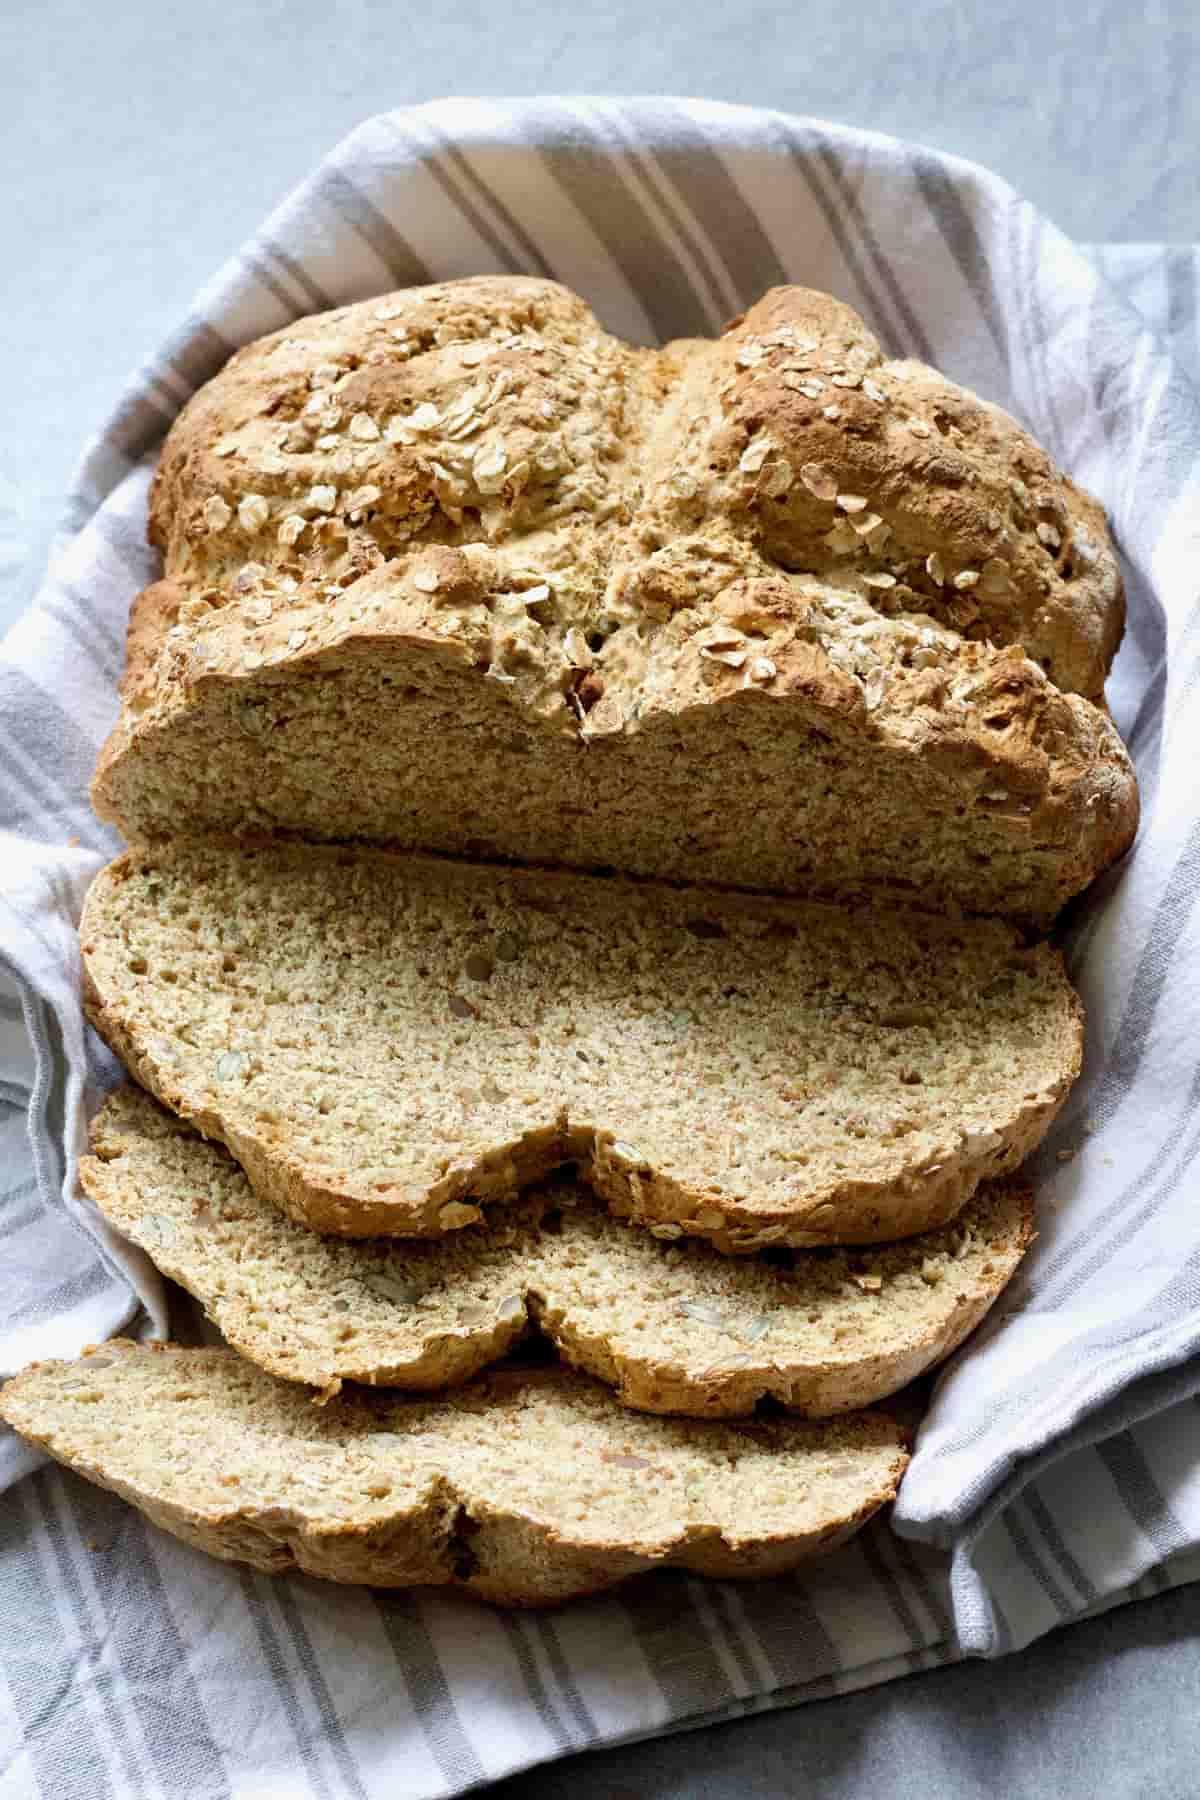 Loaf of vegan soda bread with few slices cut.